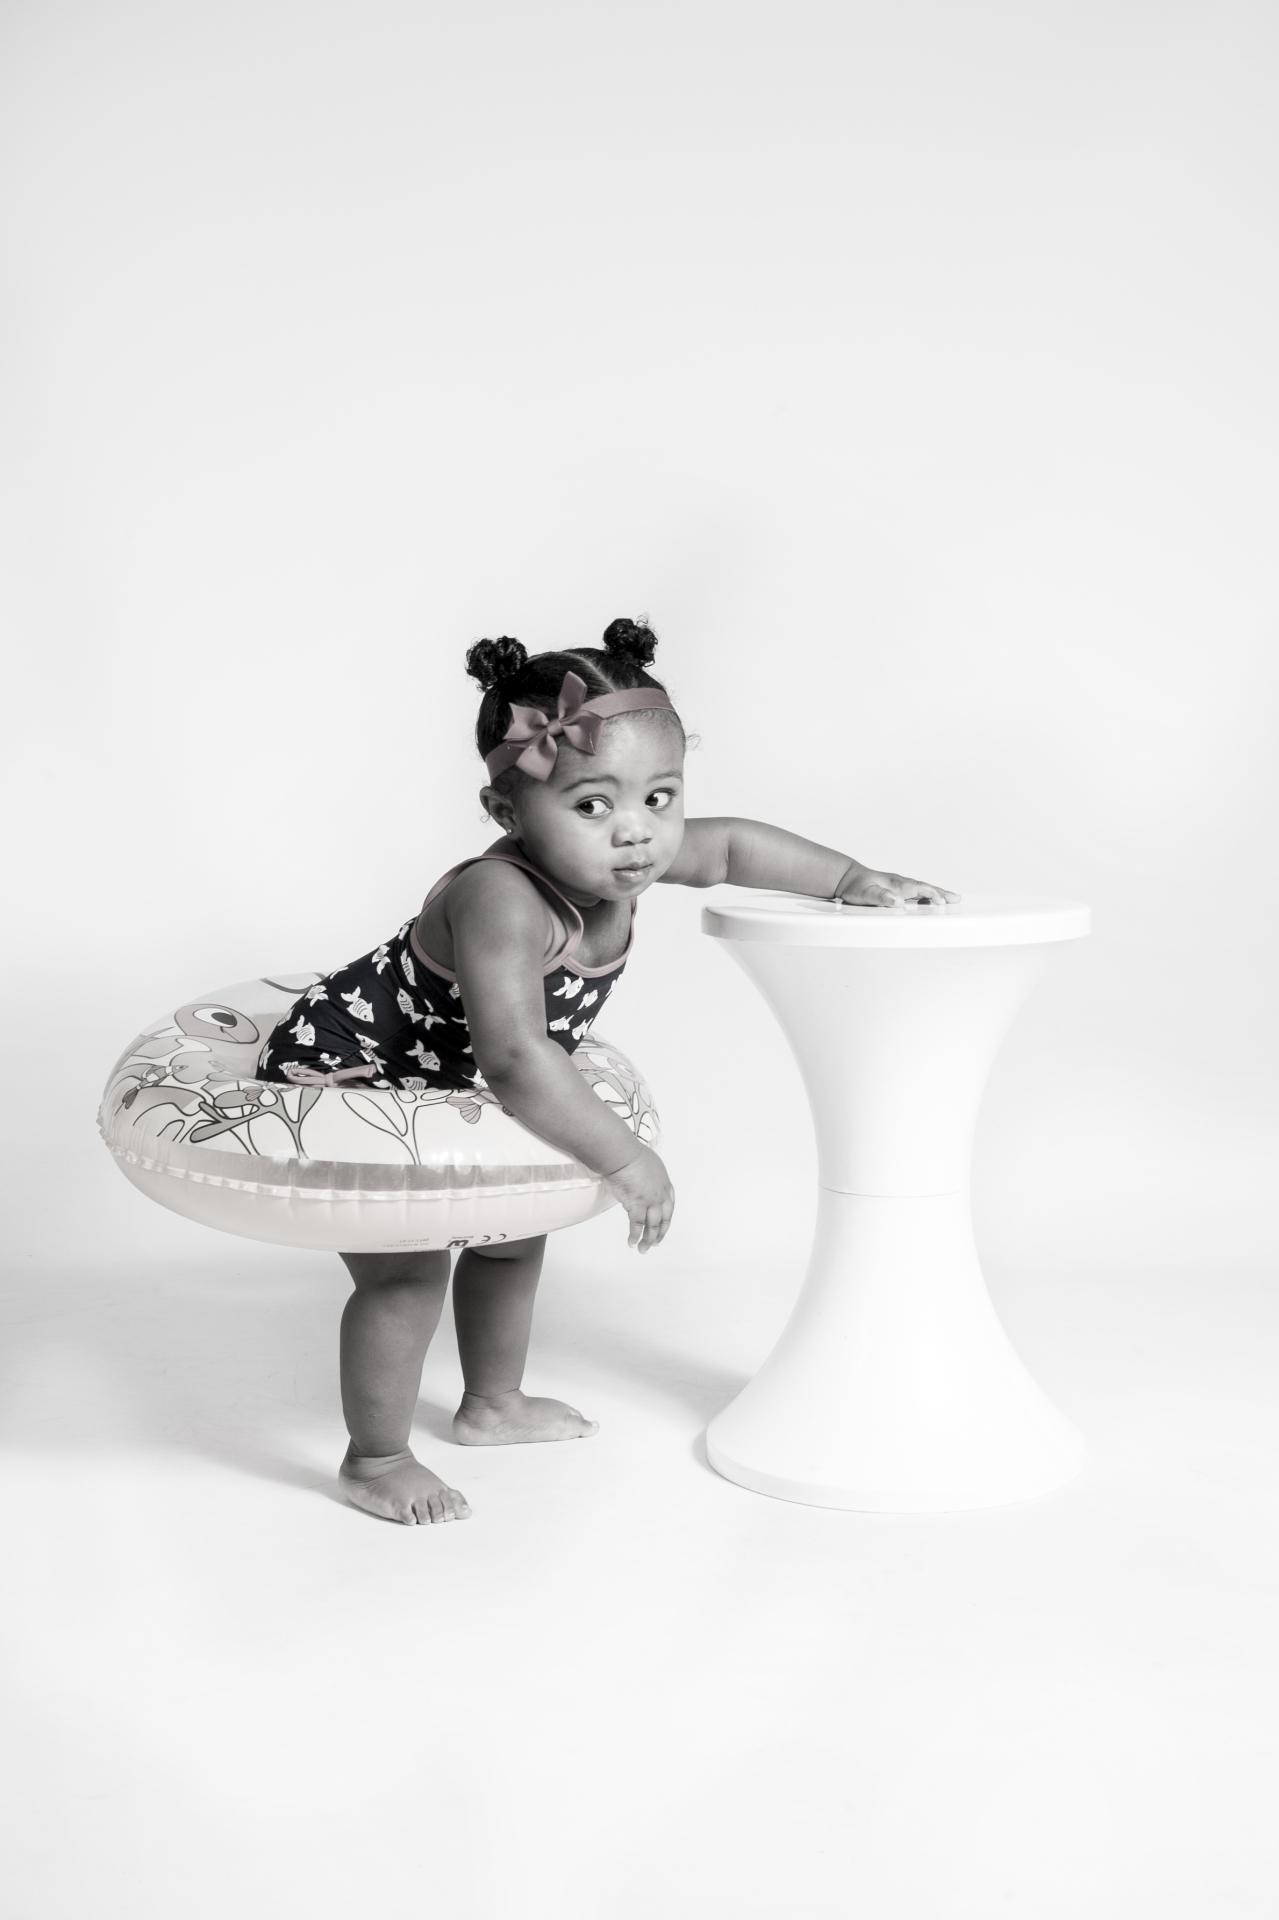 Endy Engel Photography